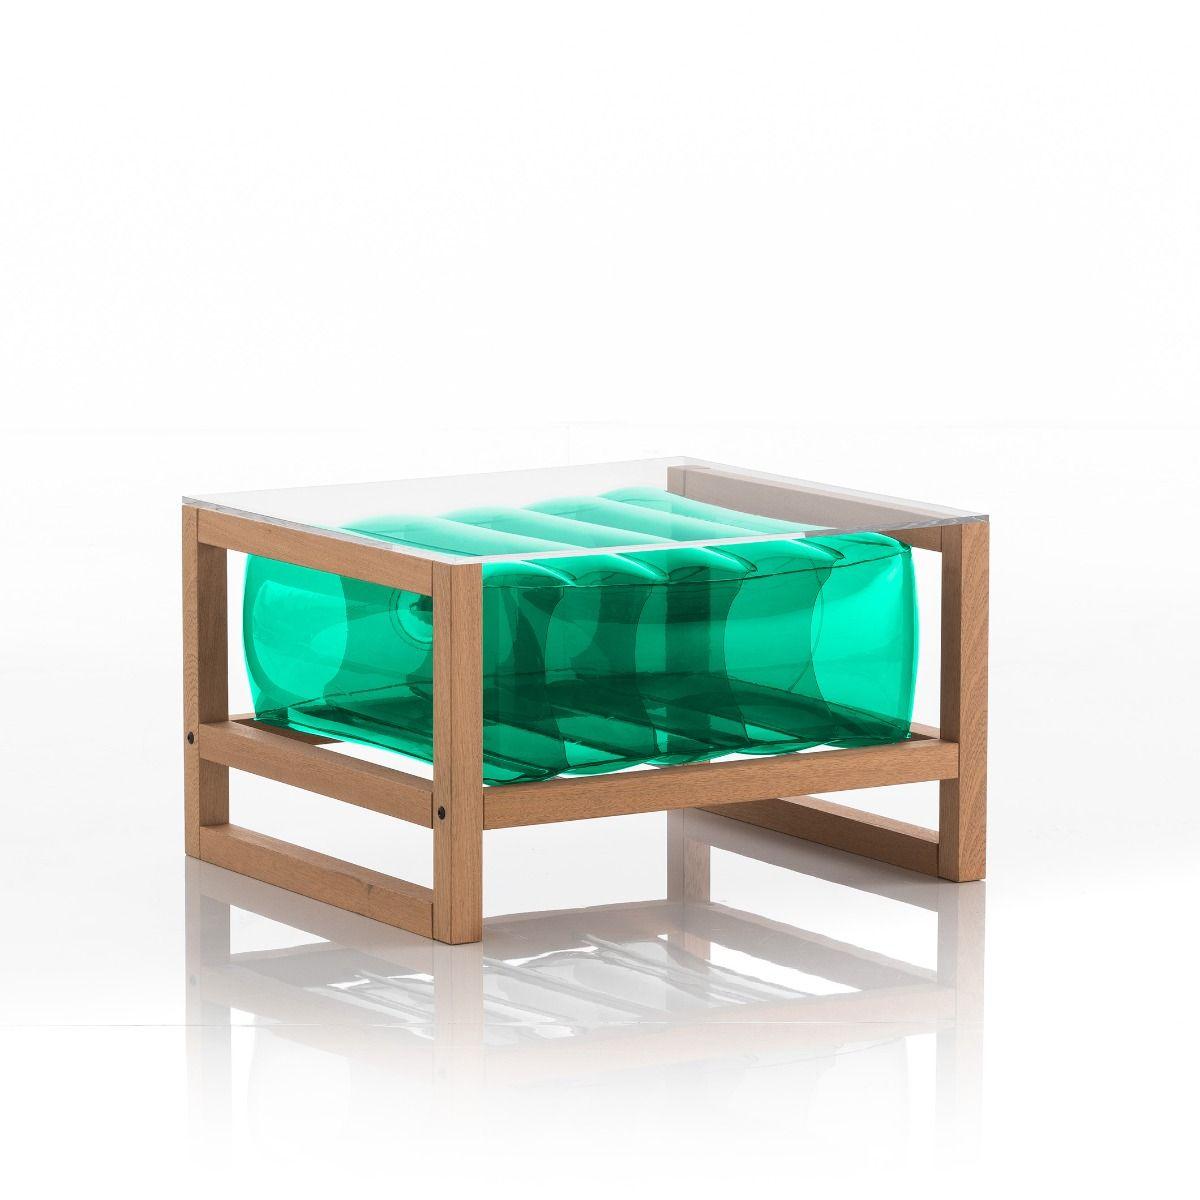 Table basse en bois et tpu vert